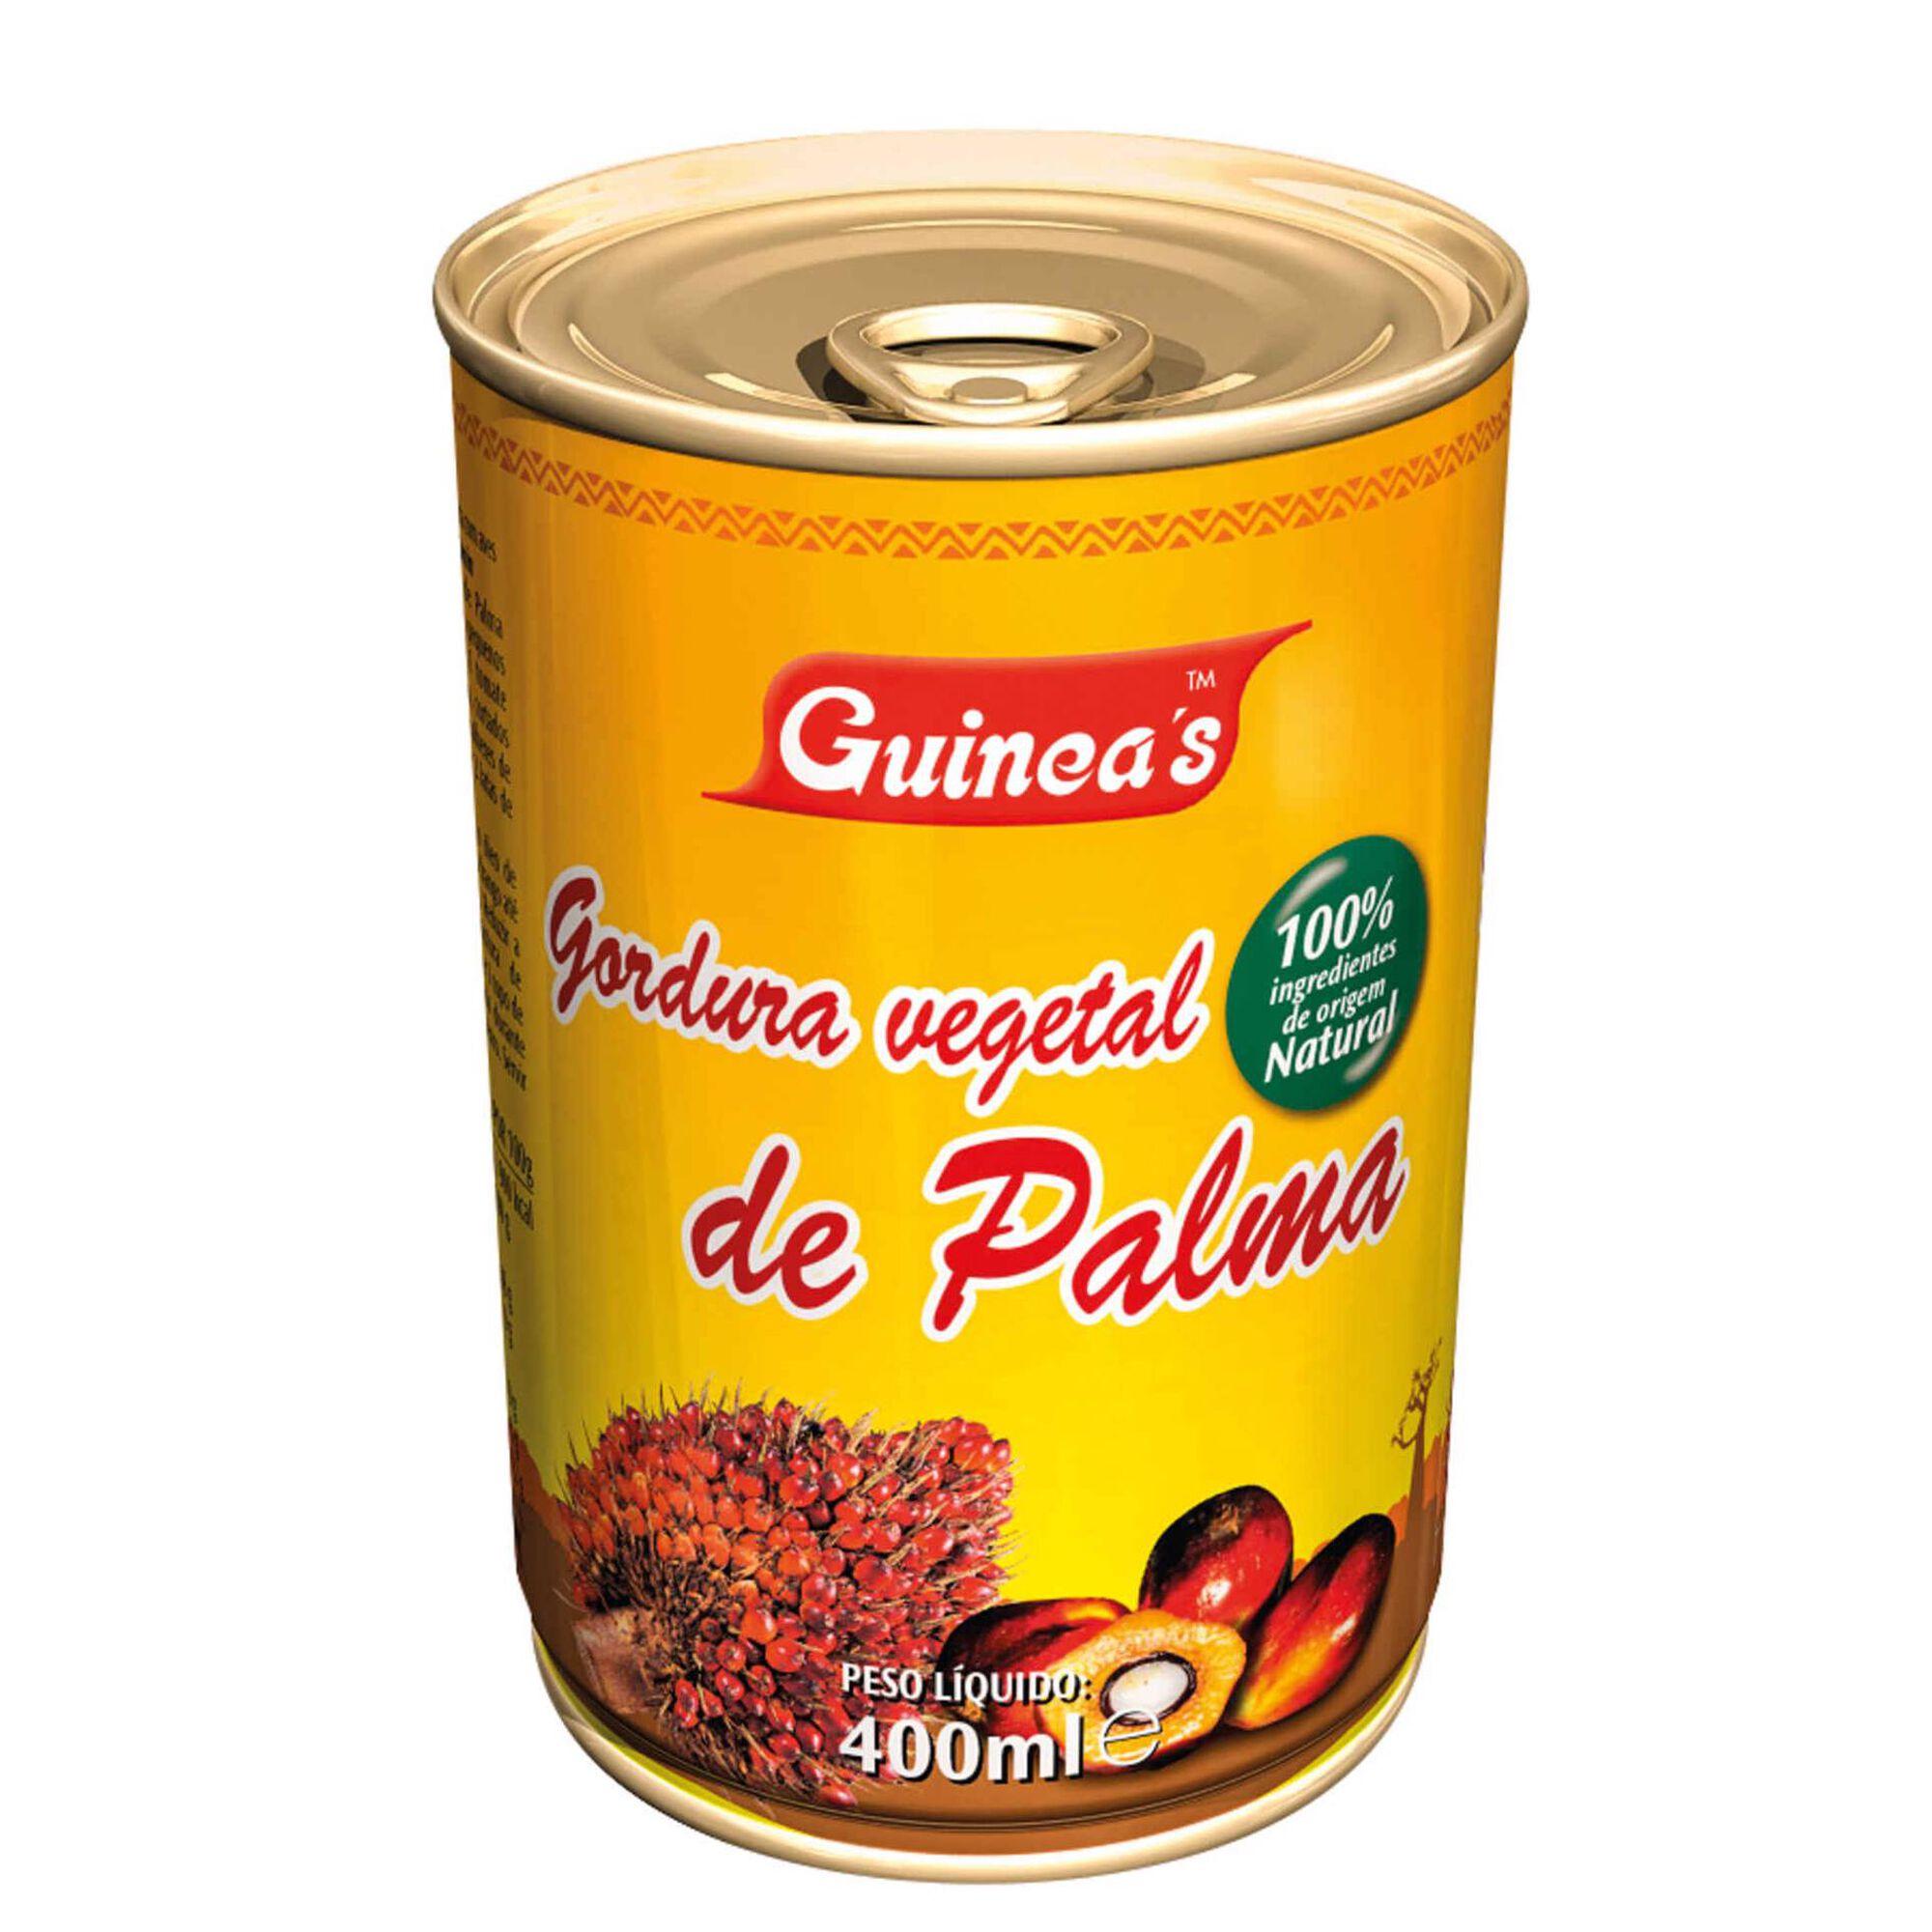 Gordura Vegetal de Palma